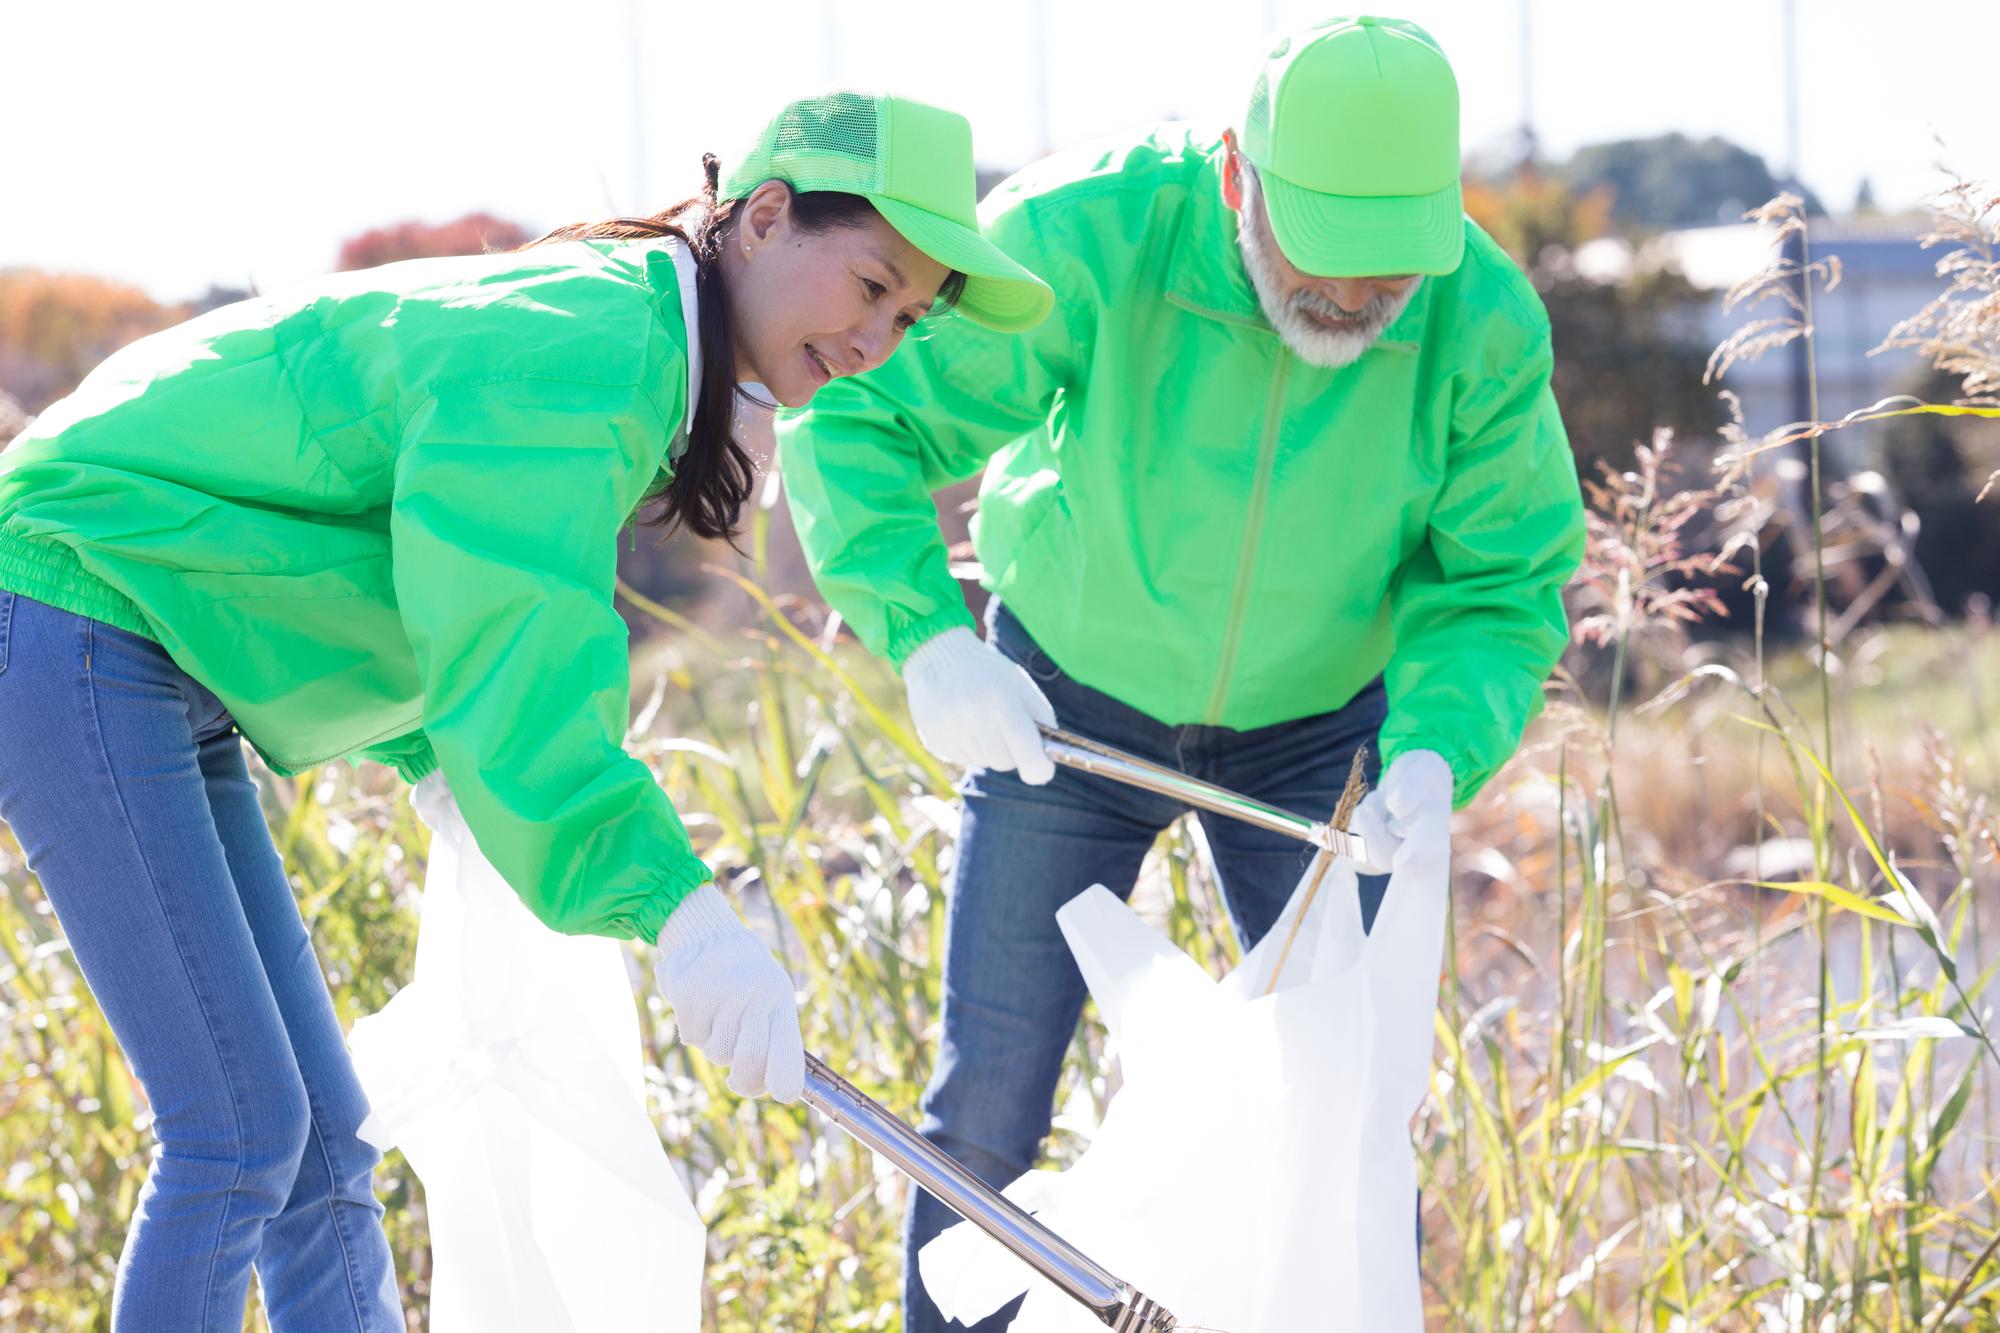 ゴミ拾いをするボランティアの人達